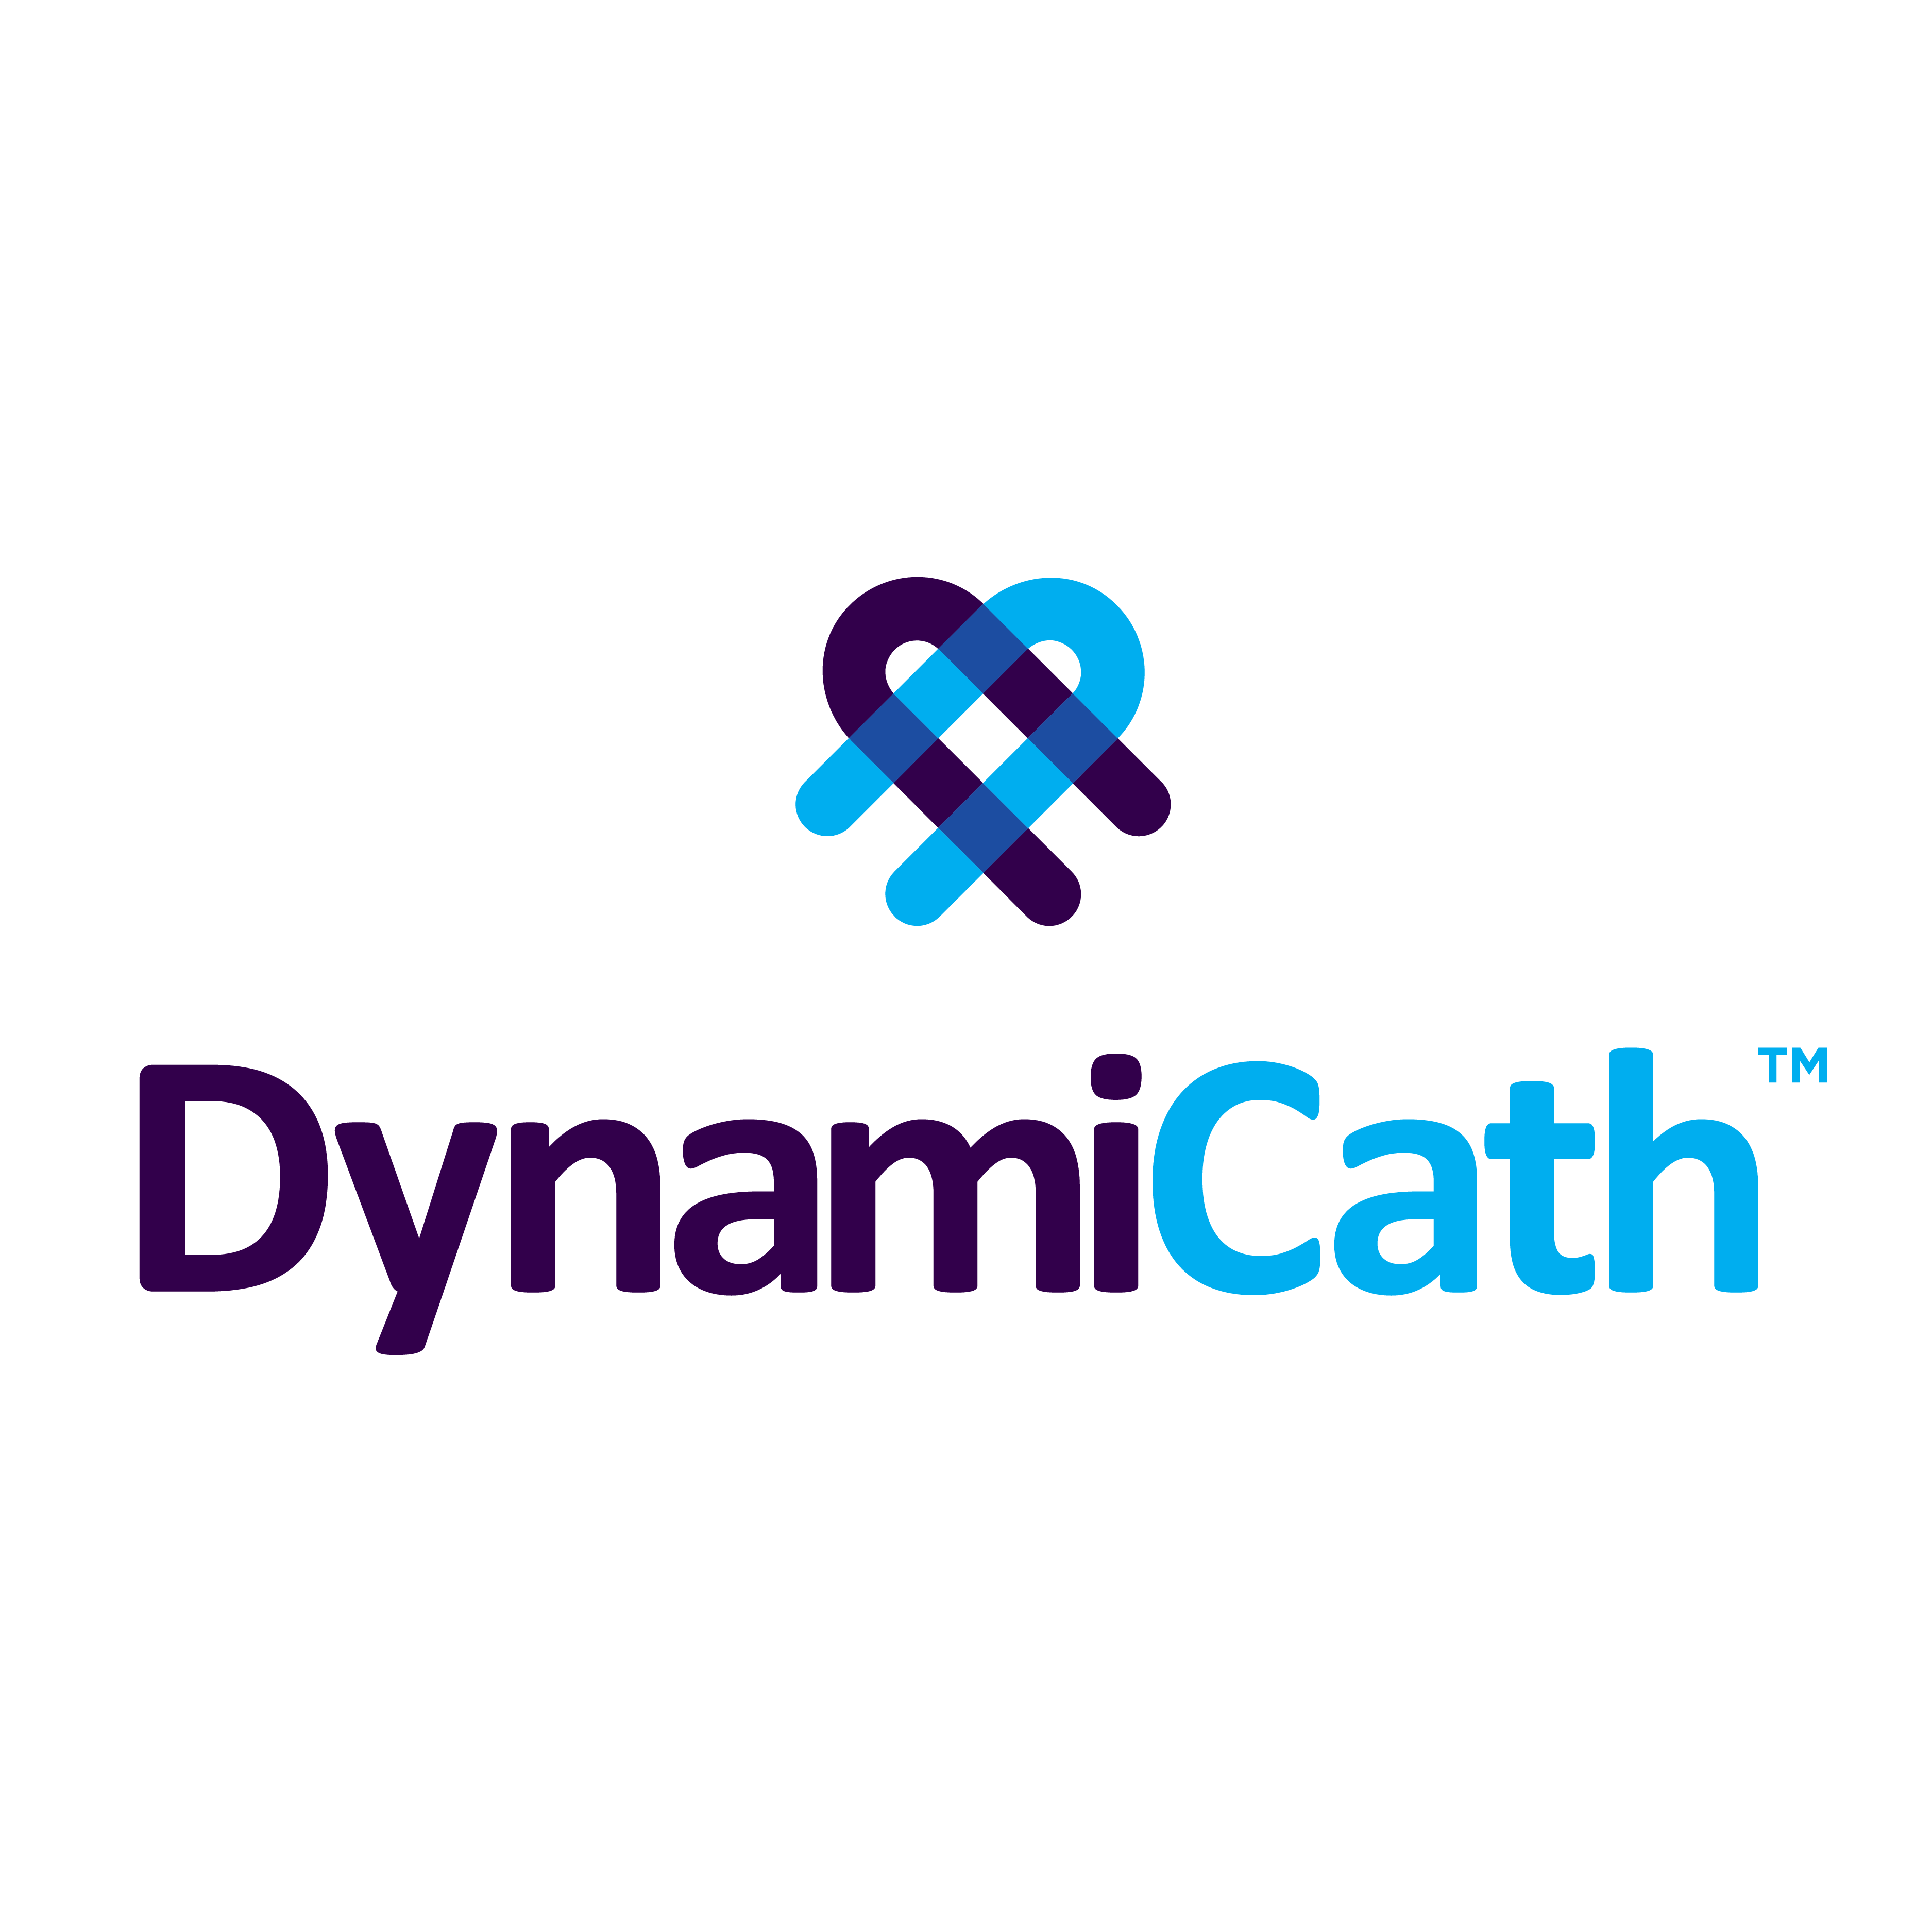 DynamiCath logo design by logo designer Nijaz Muratovic